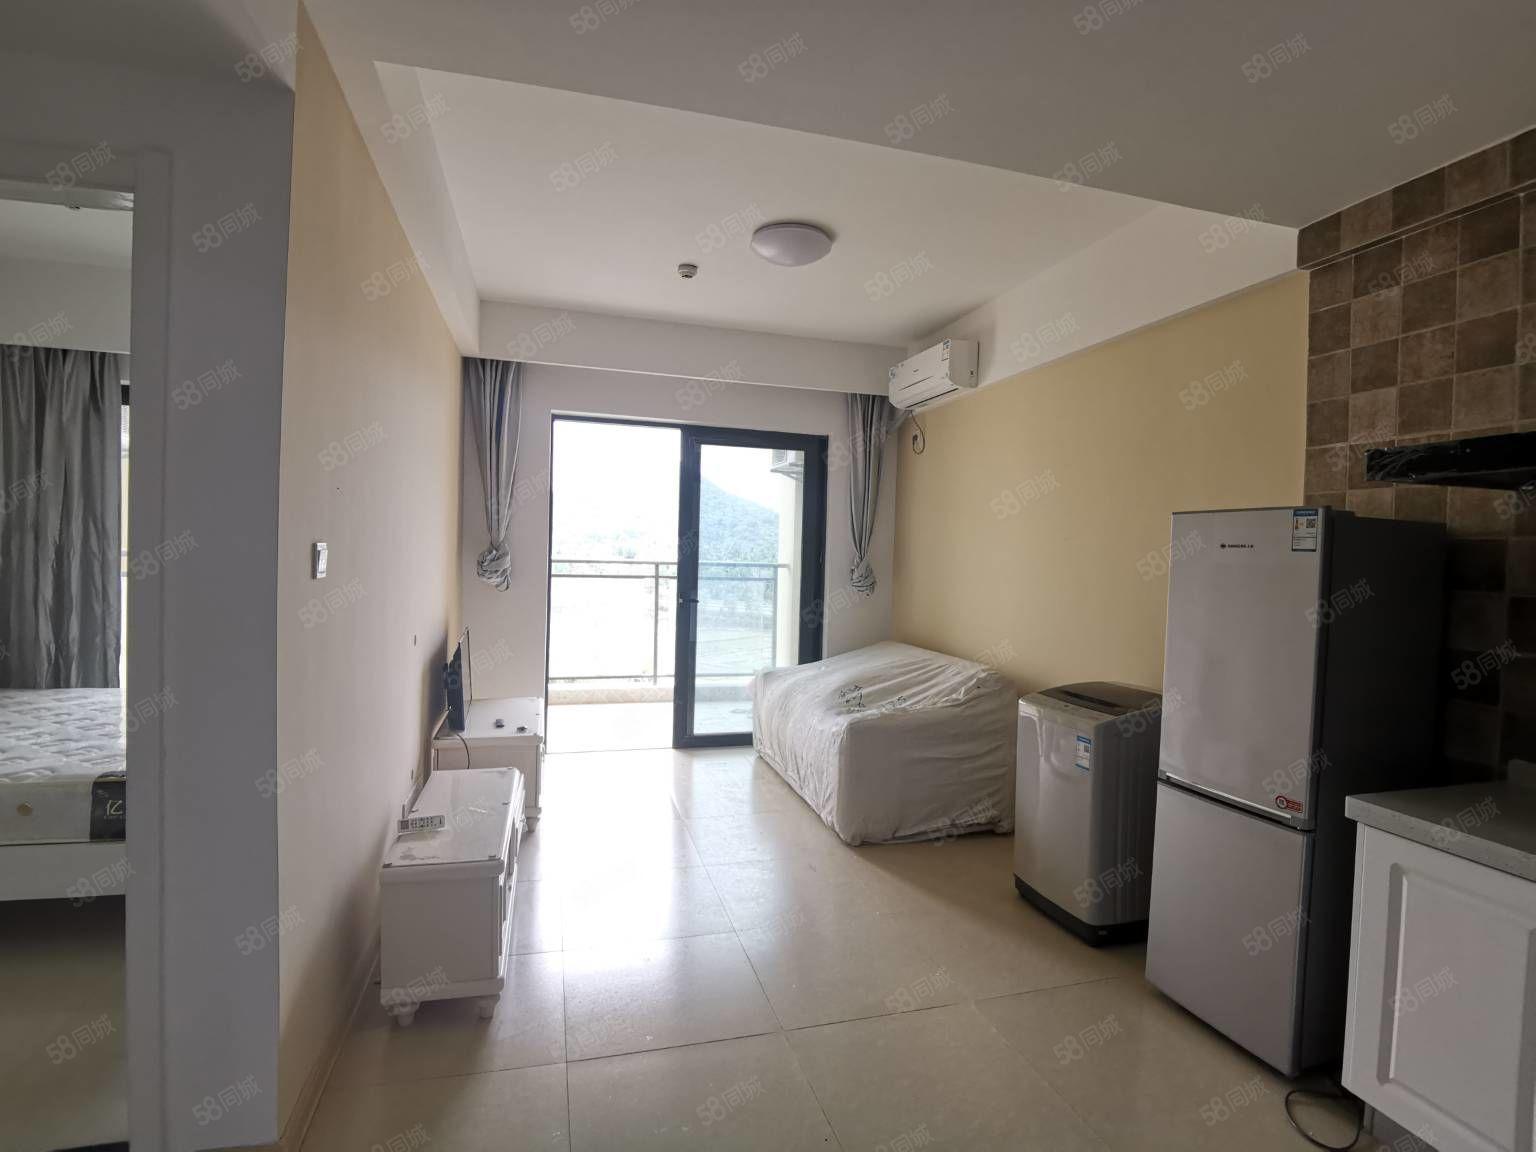 三亞灣旁中州國際酒店一房一廳低價急售